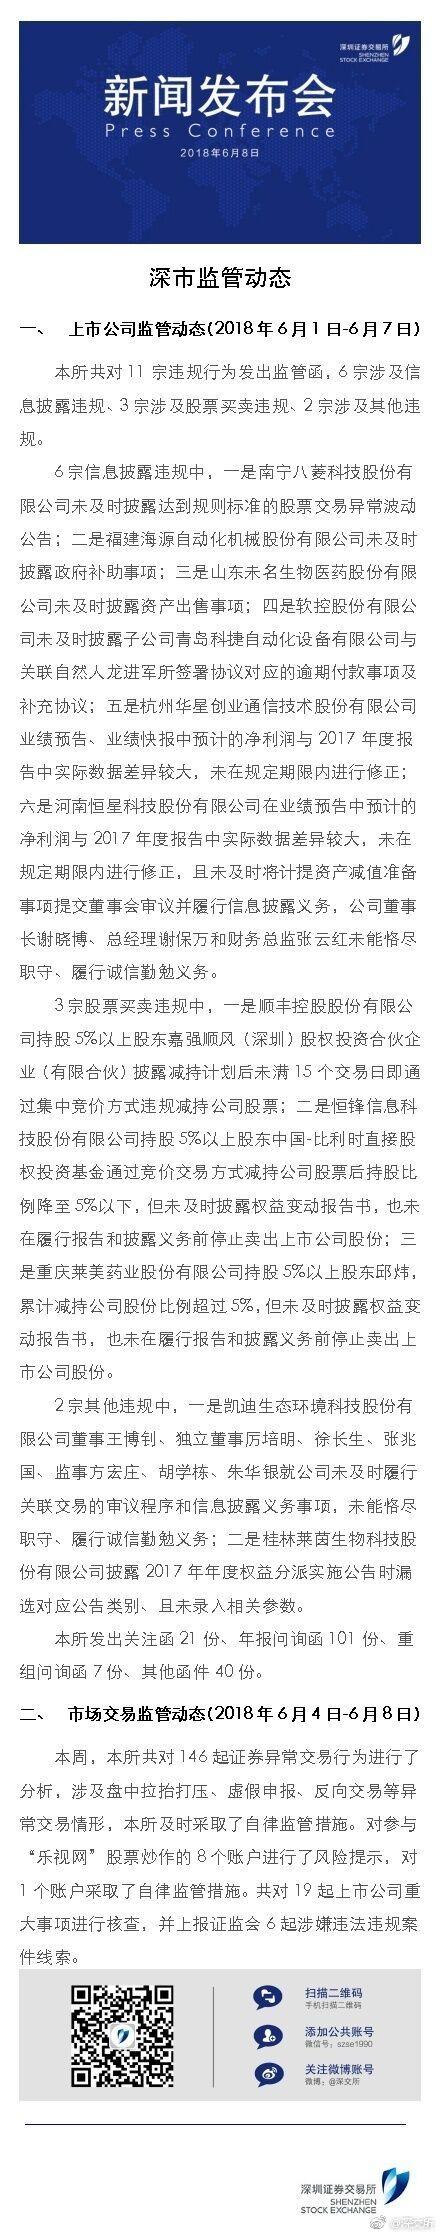 深交所:本周对参与乐视网股票炒作的8个账户进行风险提示